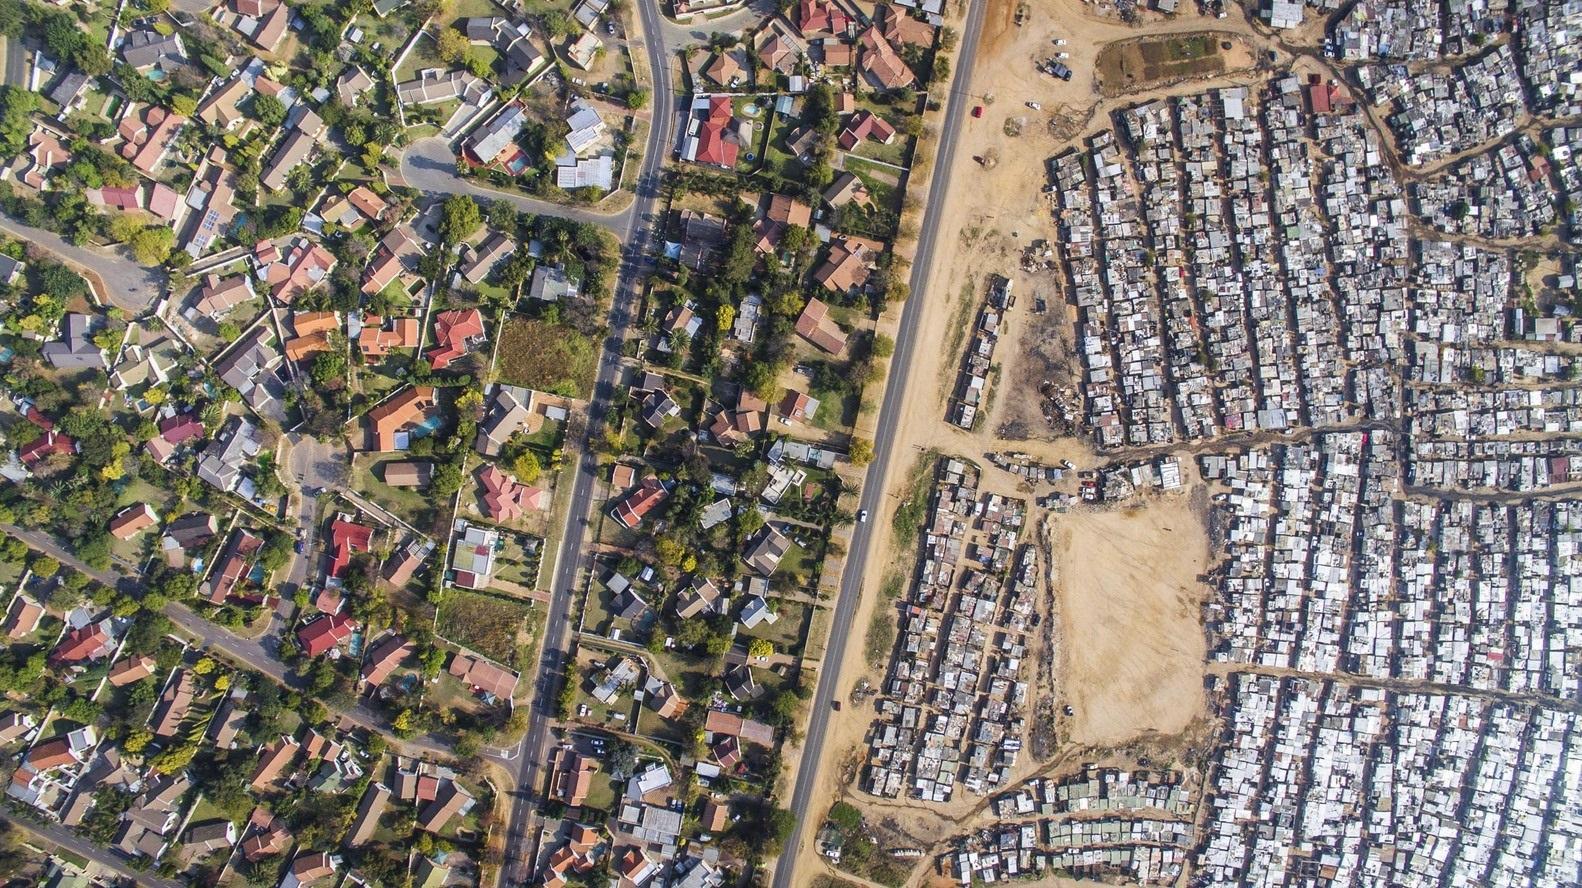 Do lado esquerdo, o bairro de Bloubosrand, à direita, o assentamento de Kya Sands. O território está localizado em Joanesburgo, na África do Sul, que leva o título de país mais desigual do mundo. (Unequal Scene/Reprodução)